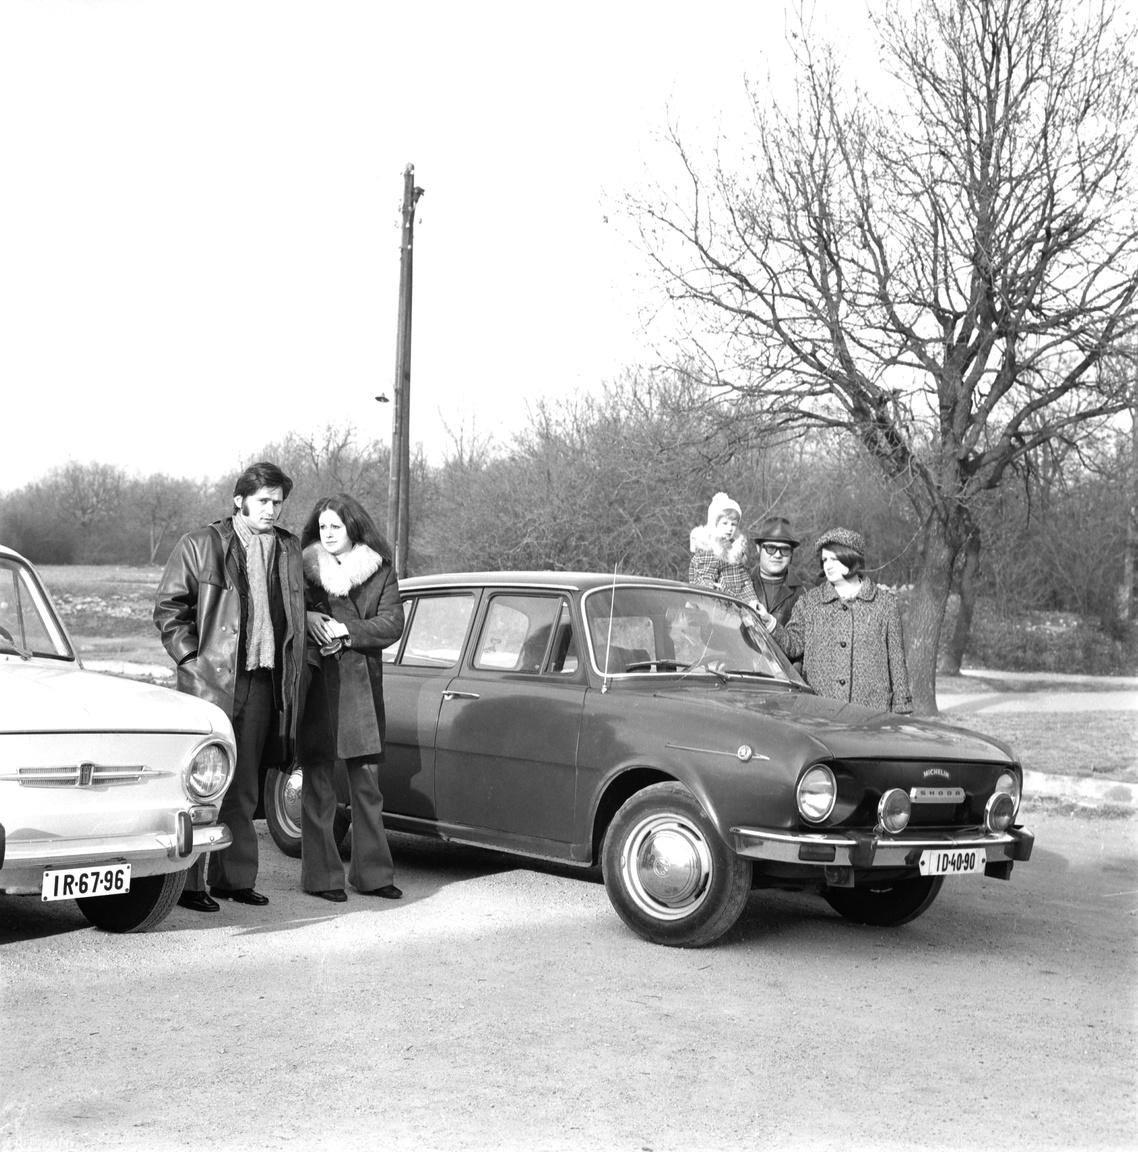 """Újabb autós pózolás, ezúttal a hetvenes évekből, és immár nem idegen tollakkal ékeskedve, hanem a család első kocsijával. """"Innen már nekem is vannak emlékeim. Szűkösen ugyan, de a Škoda például megvan. És a testvérem is megvolt már."""""""